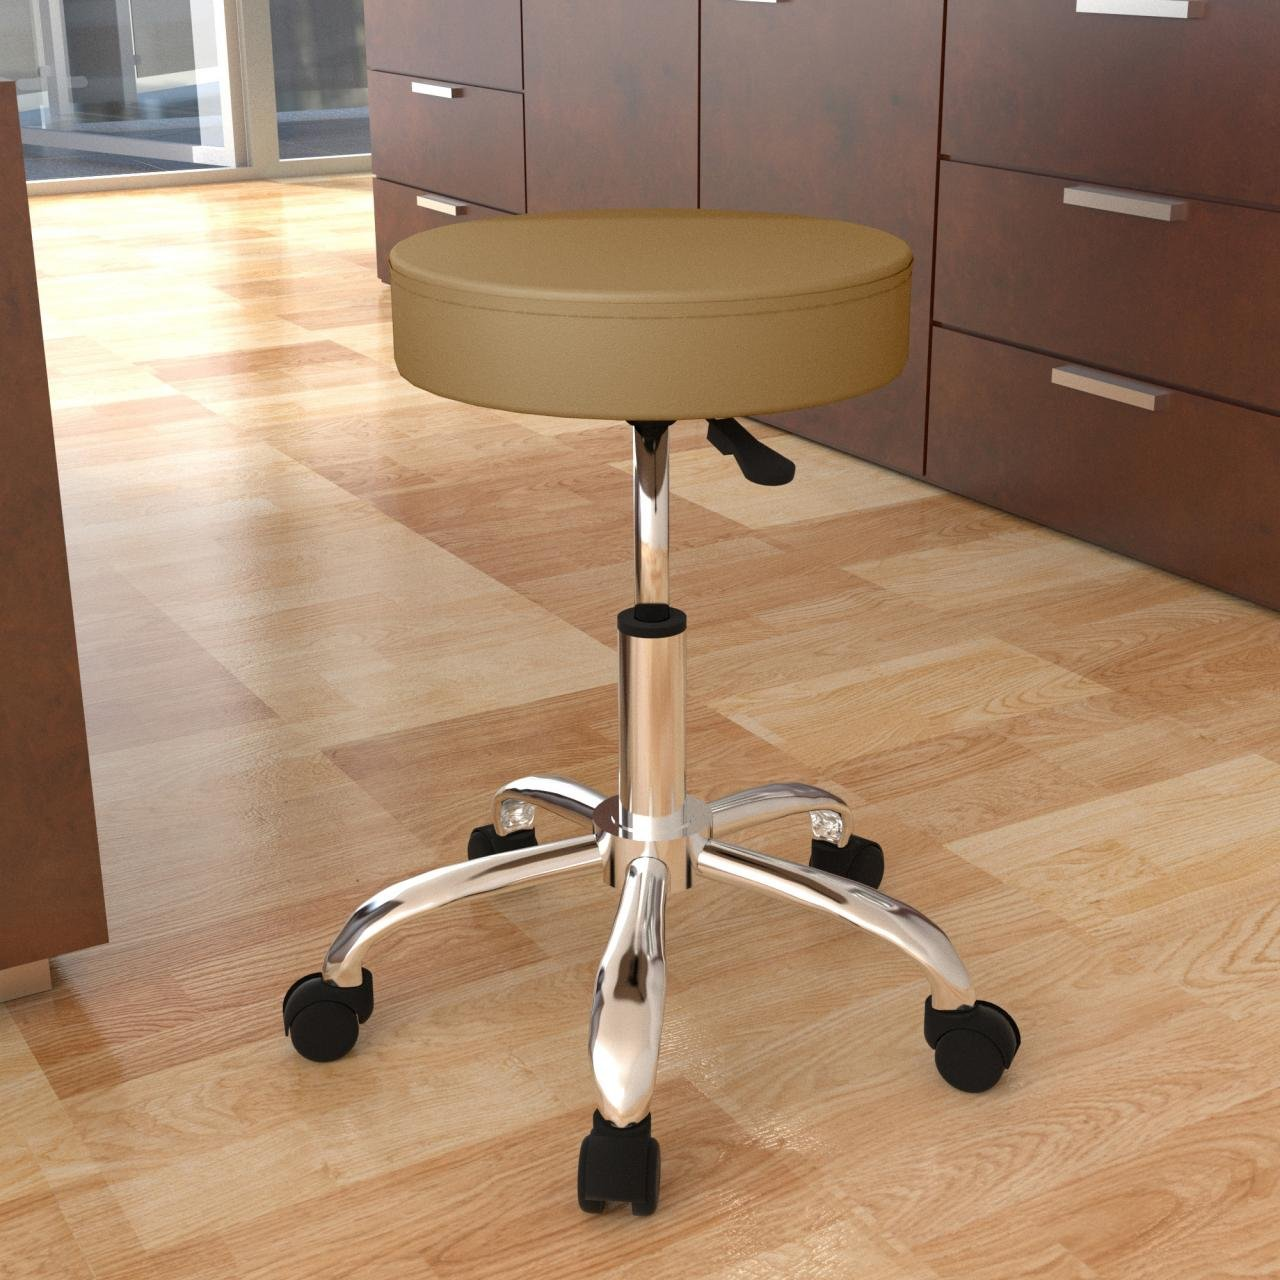 Sanzaro Drehhocker Arbeitshocker Rollhocker Hocker Arbeitsstuhl Drehstuhl Praxishocker mit Rollen h/öhenverstellbar Cappuccino